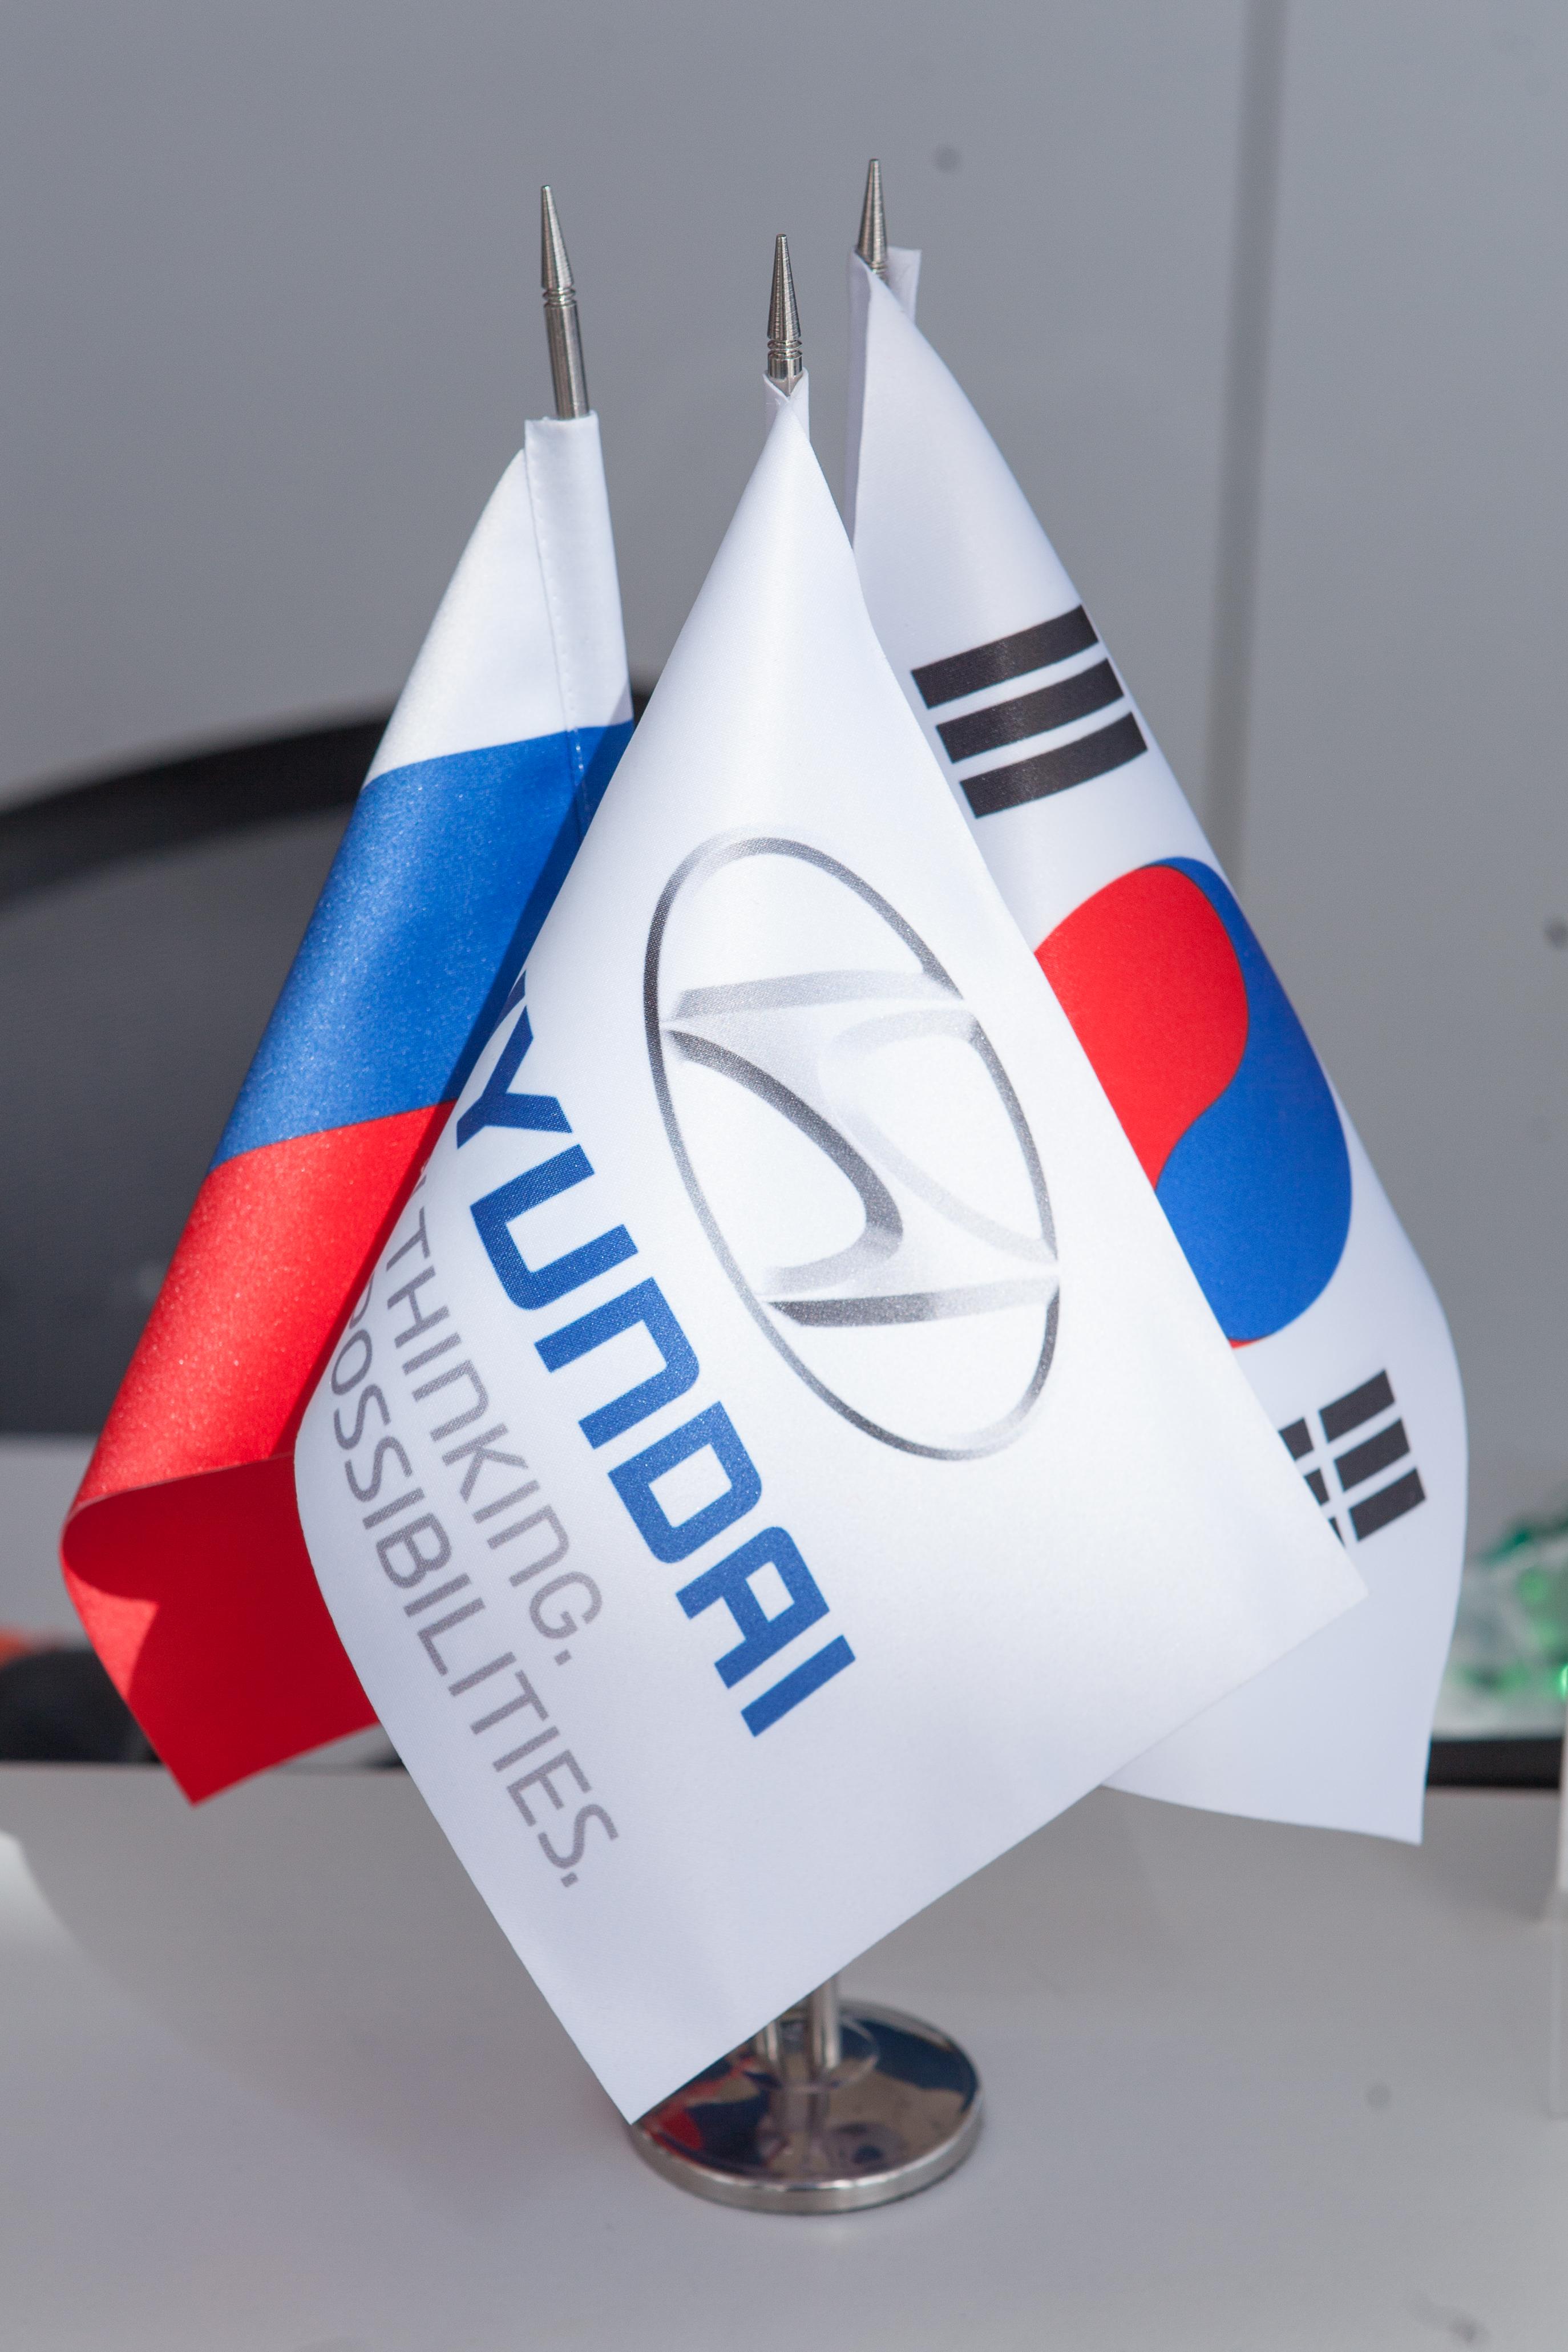 Хёндэ Корея Моторс (3).jpg